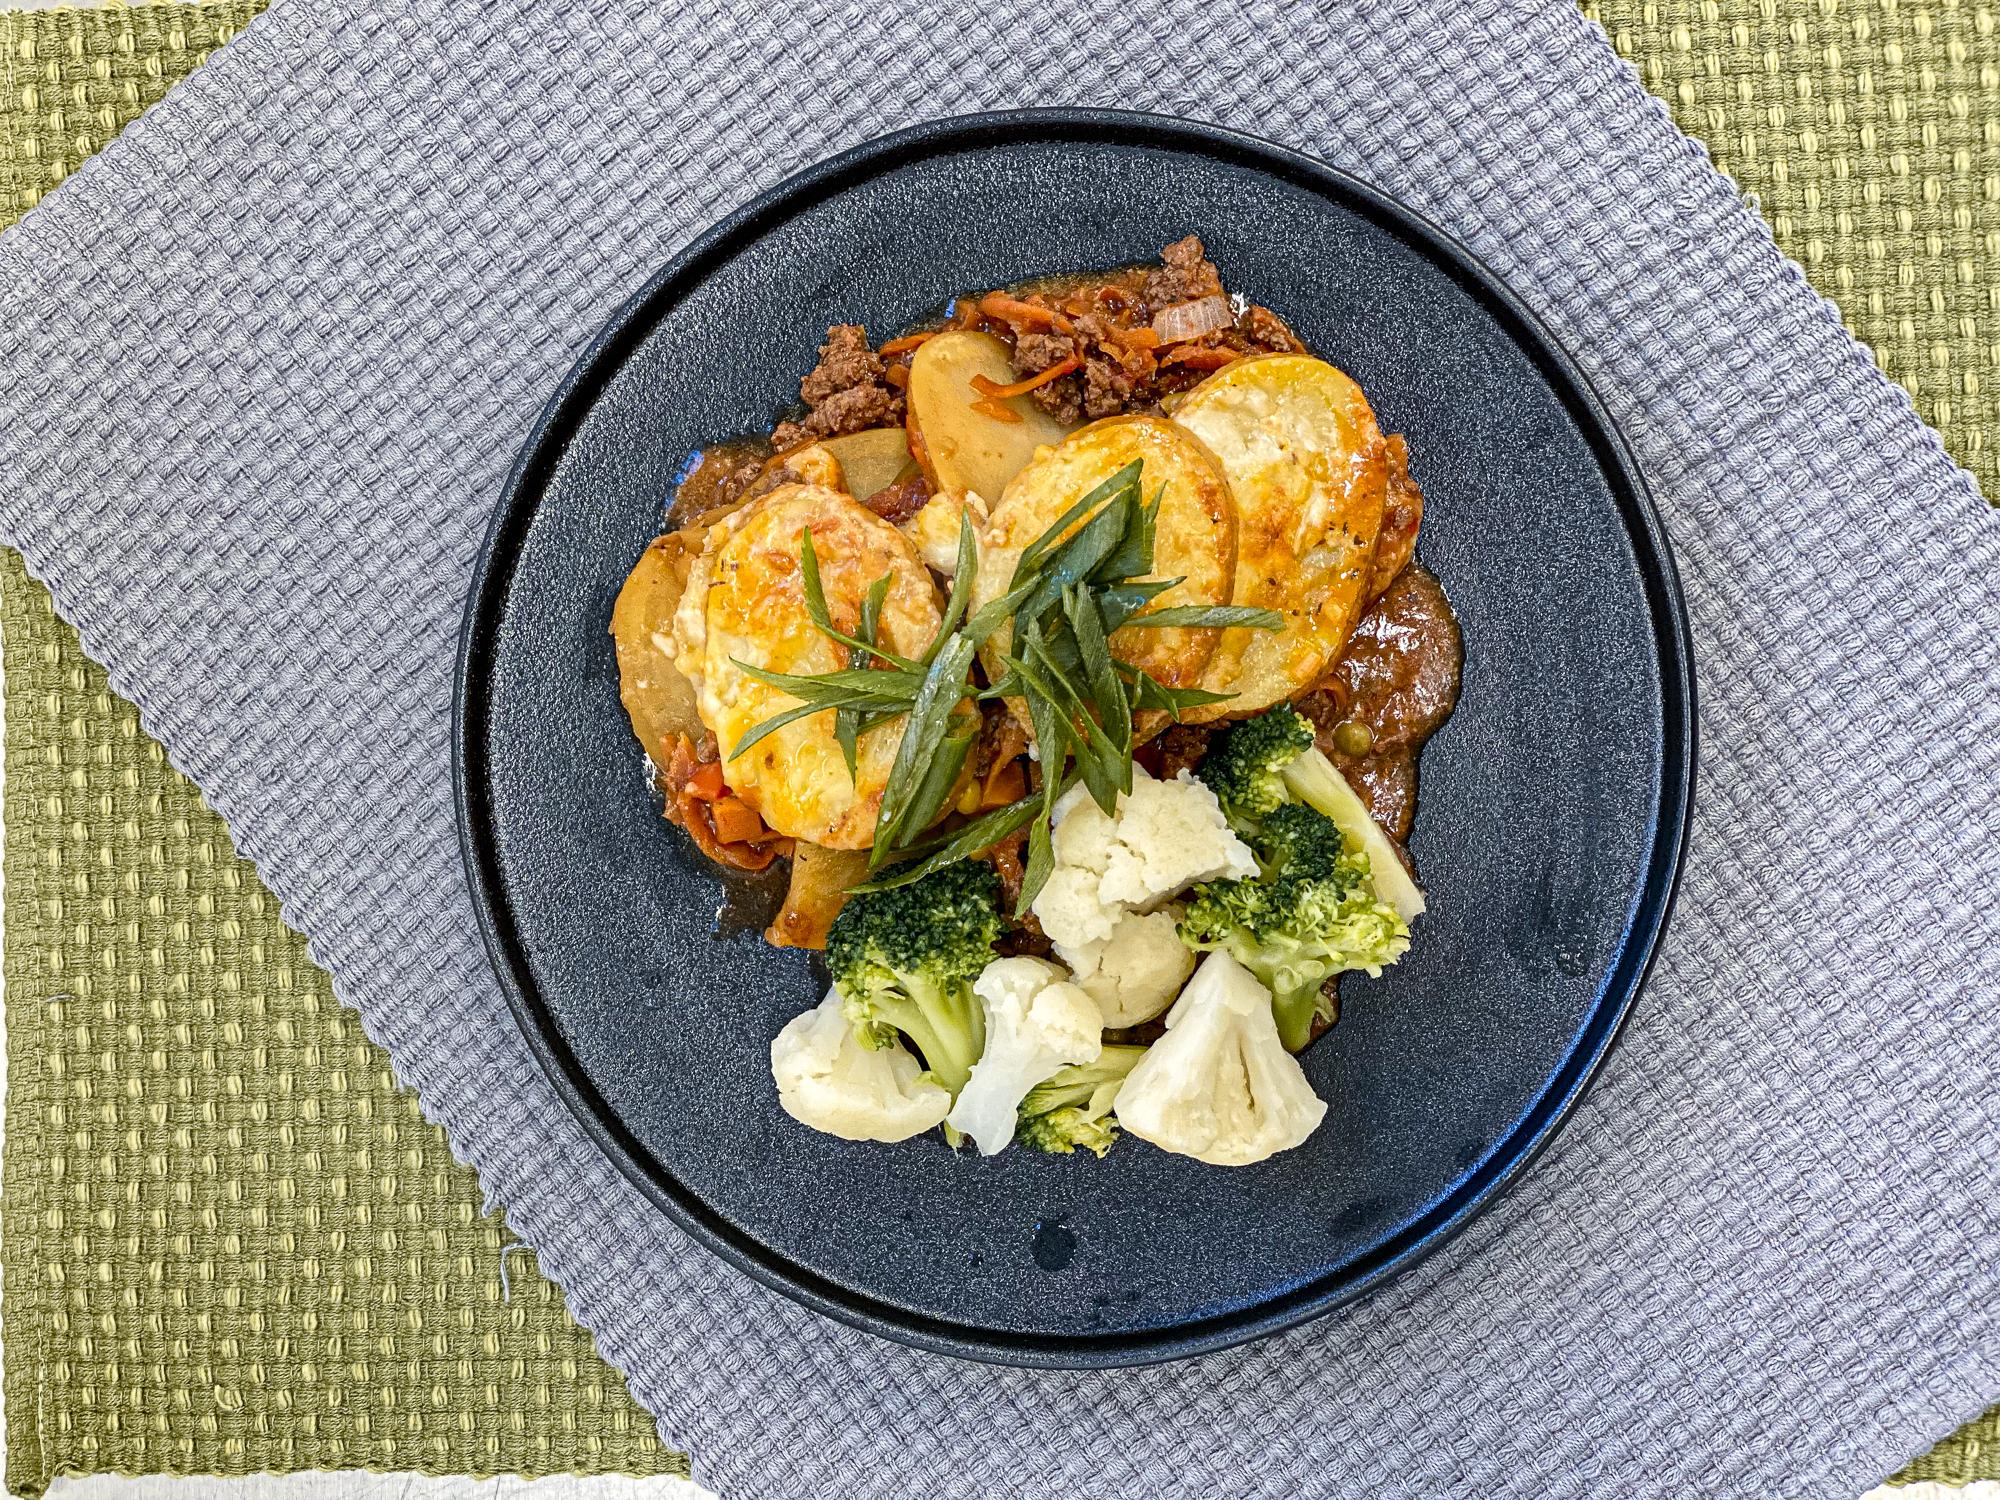 Beef and Potato Layered Casserole